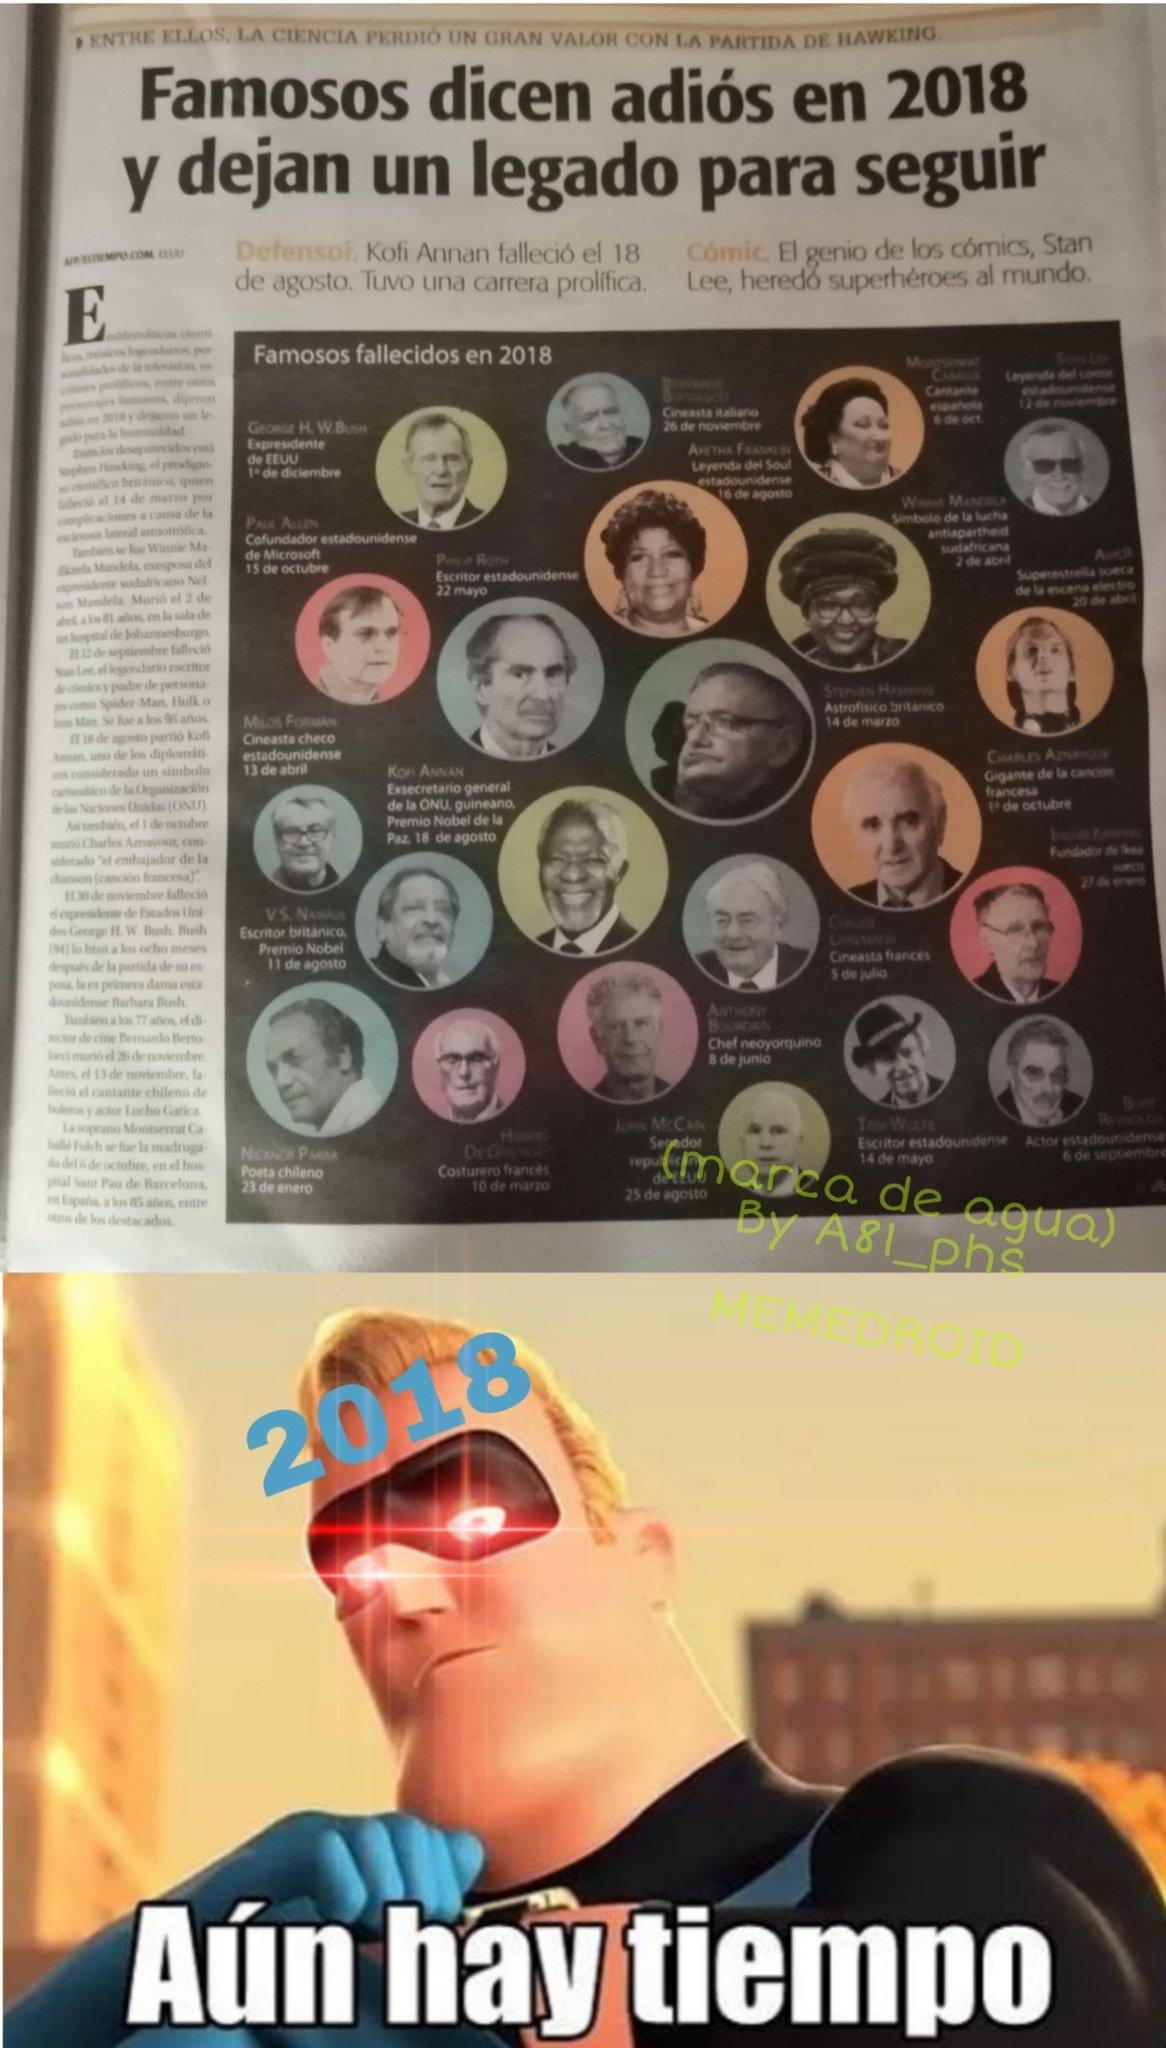 Stan Lee esta arriba en la derecha - meme